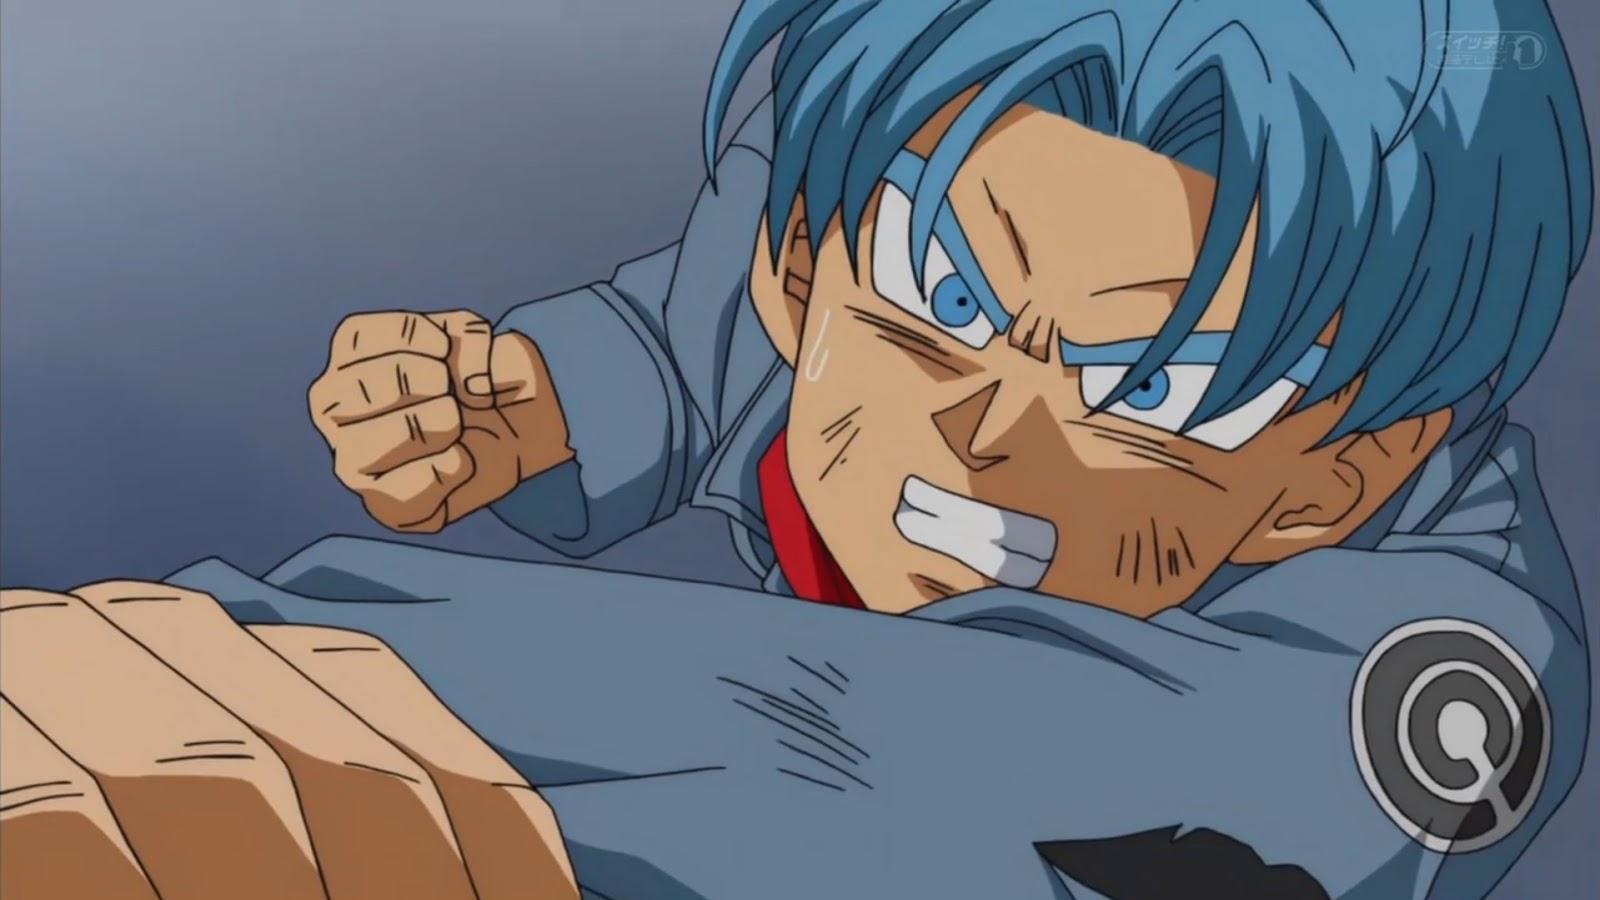 Dragon Ball Super: Episódio 48 – A Esperança Retorna!! Acorde no presente, Trunks!